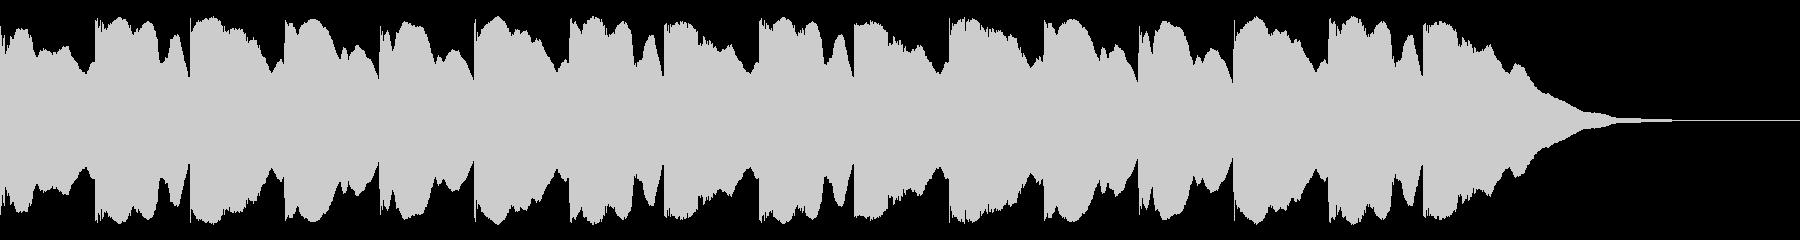 チャイム(ウエストミンスター、学校)の未再生の波形